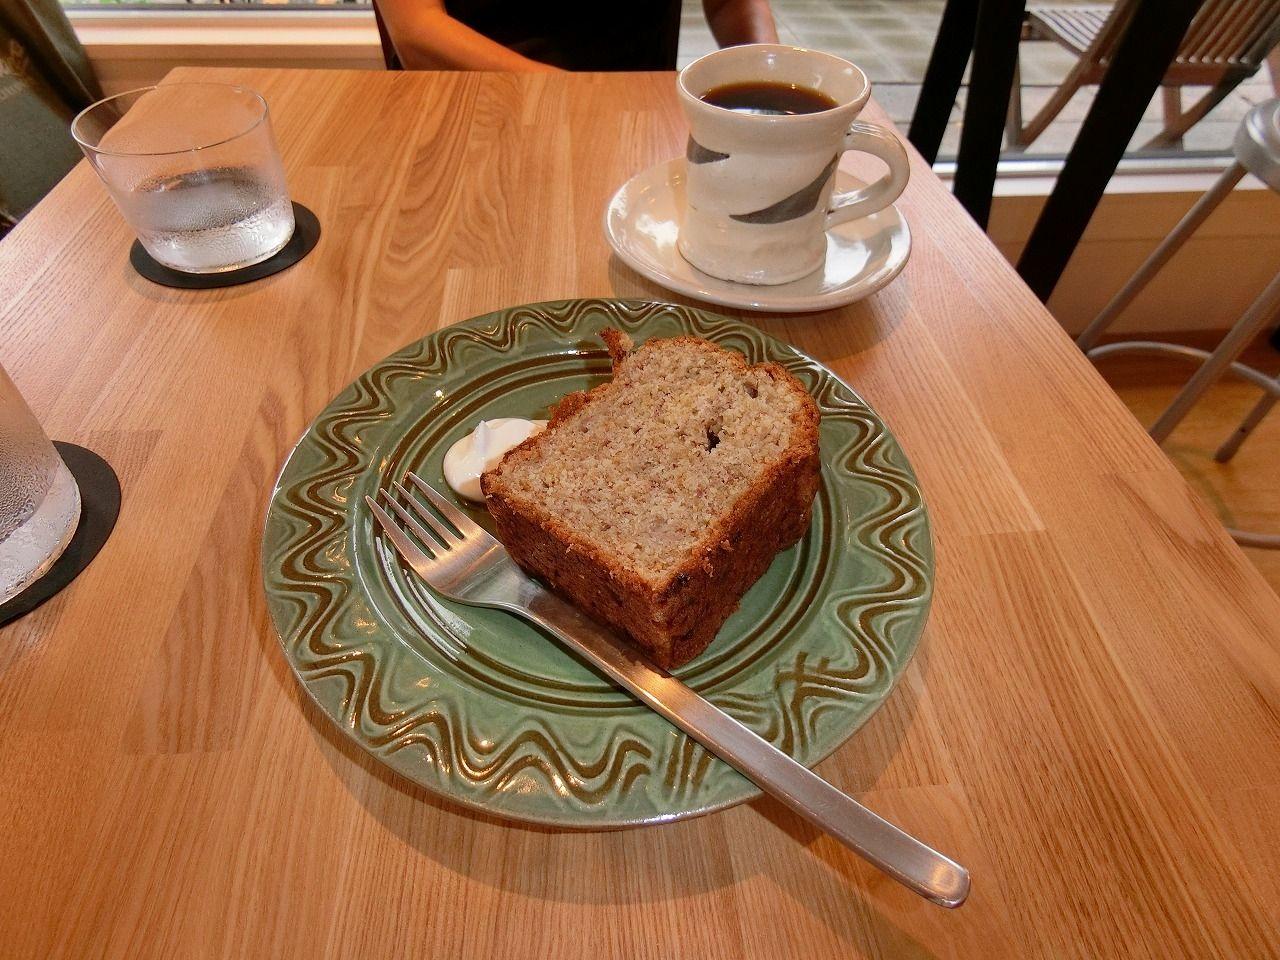 「Madalena Cafe」(マダレーナ カフェ) の「バナナケーキとブラジルコヒー」